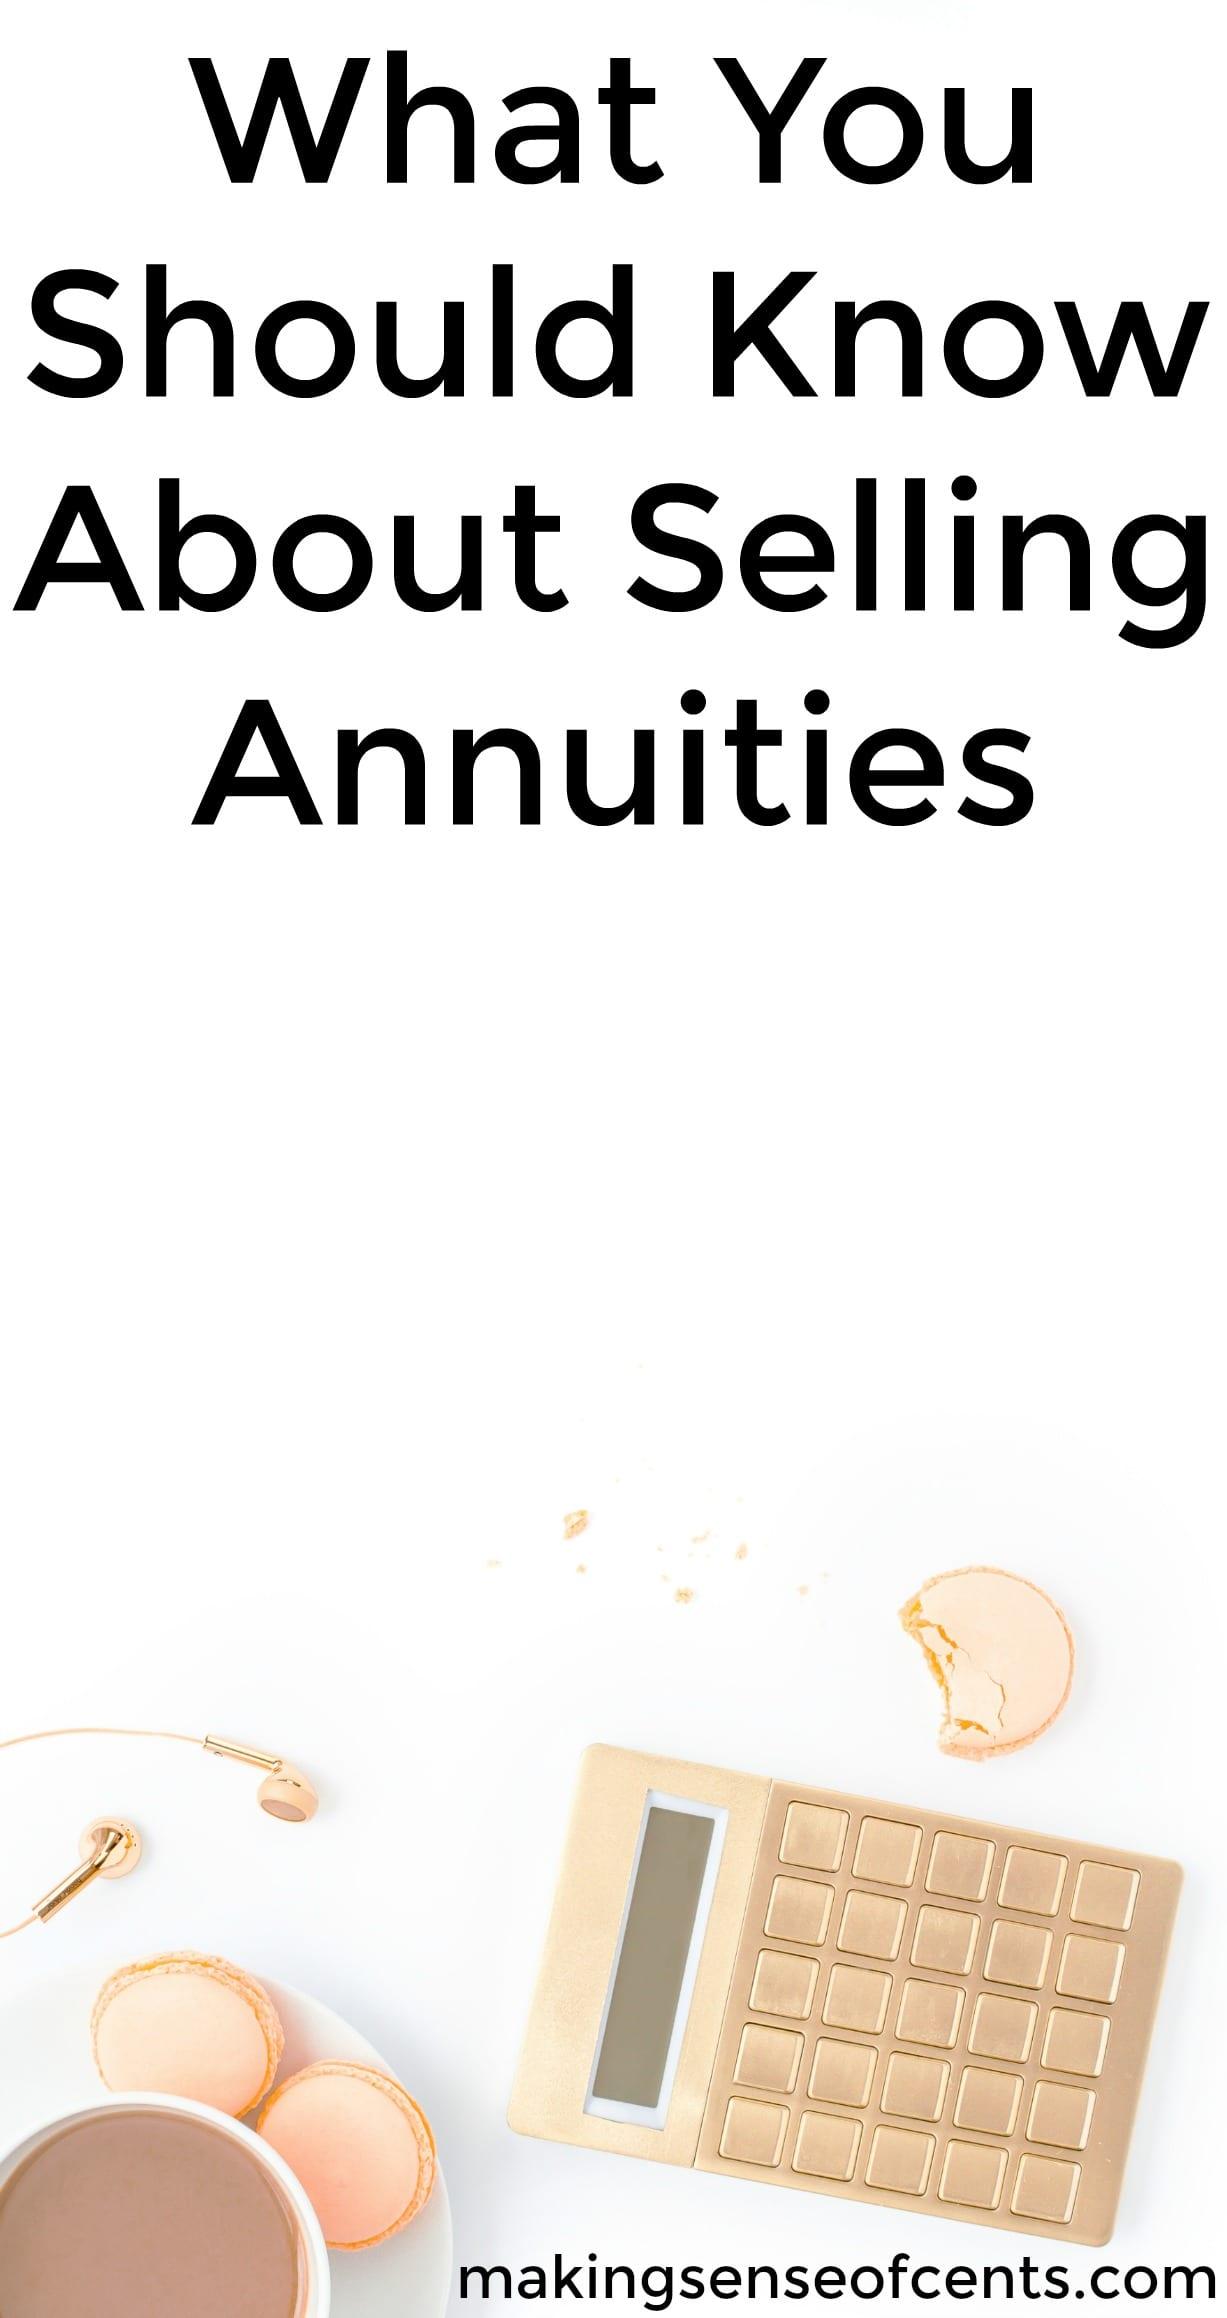 Descubra lo que debe saber sobre la venta de pensiones. Esta es una gran lista!